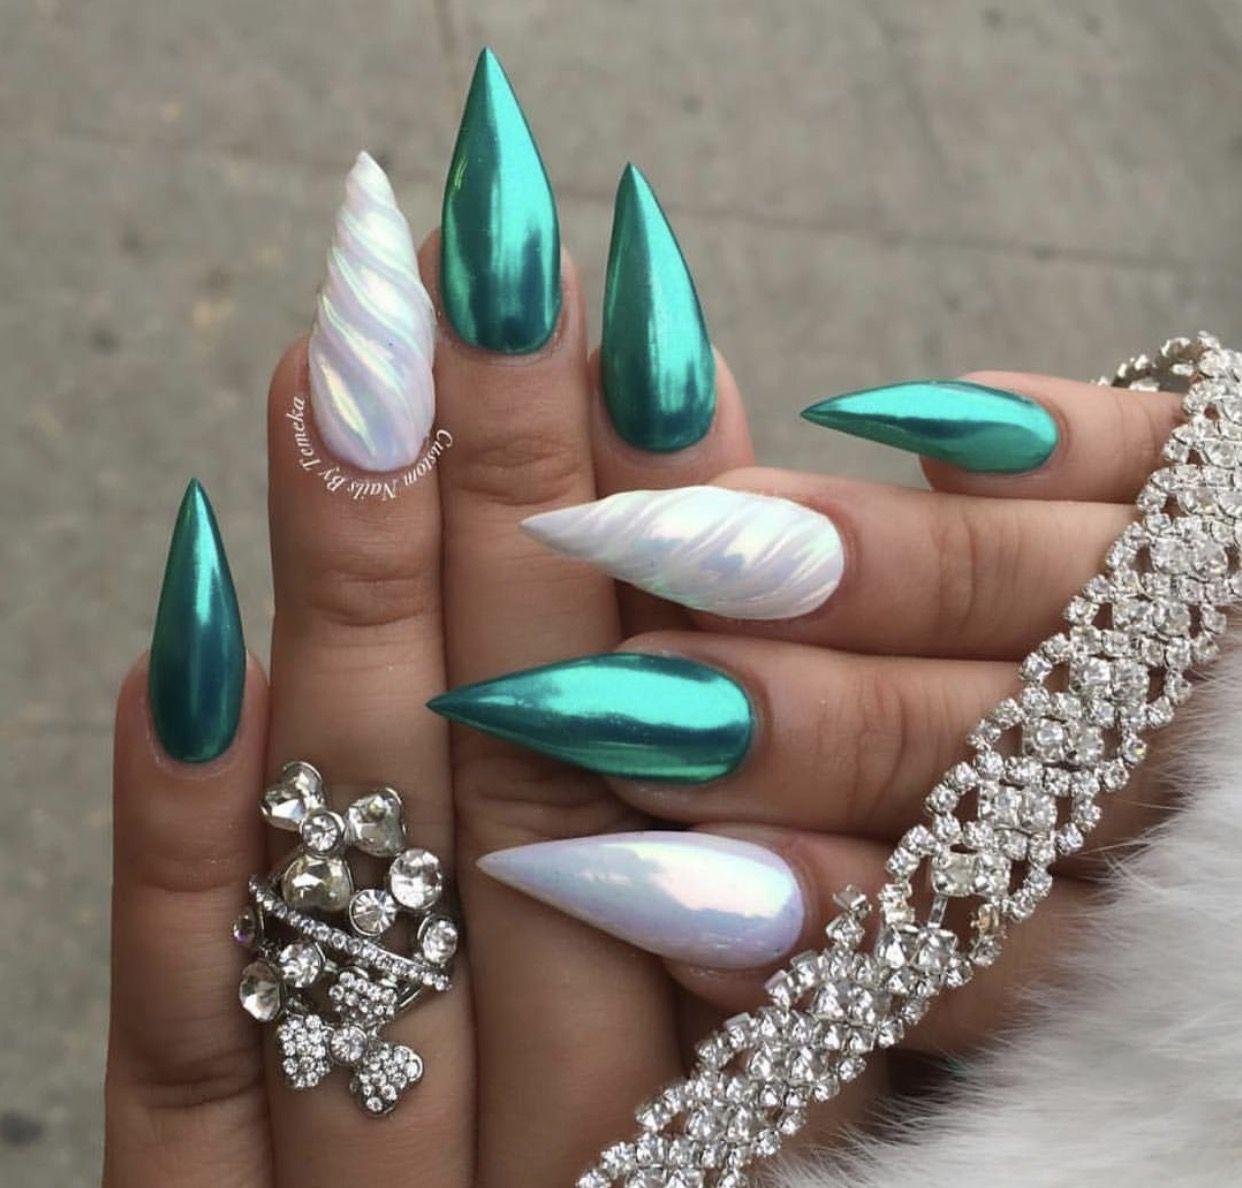 stiletto nails emerald chrome photo - 2